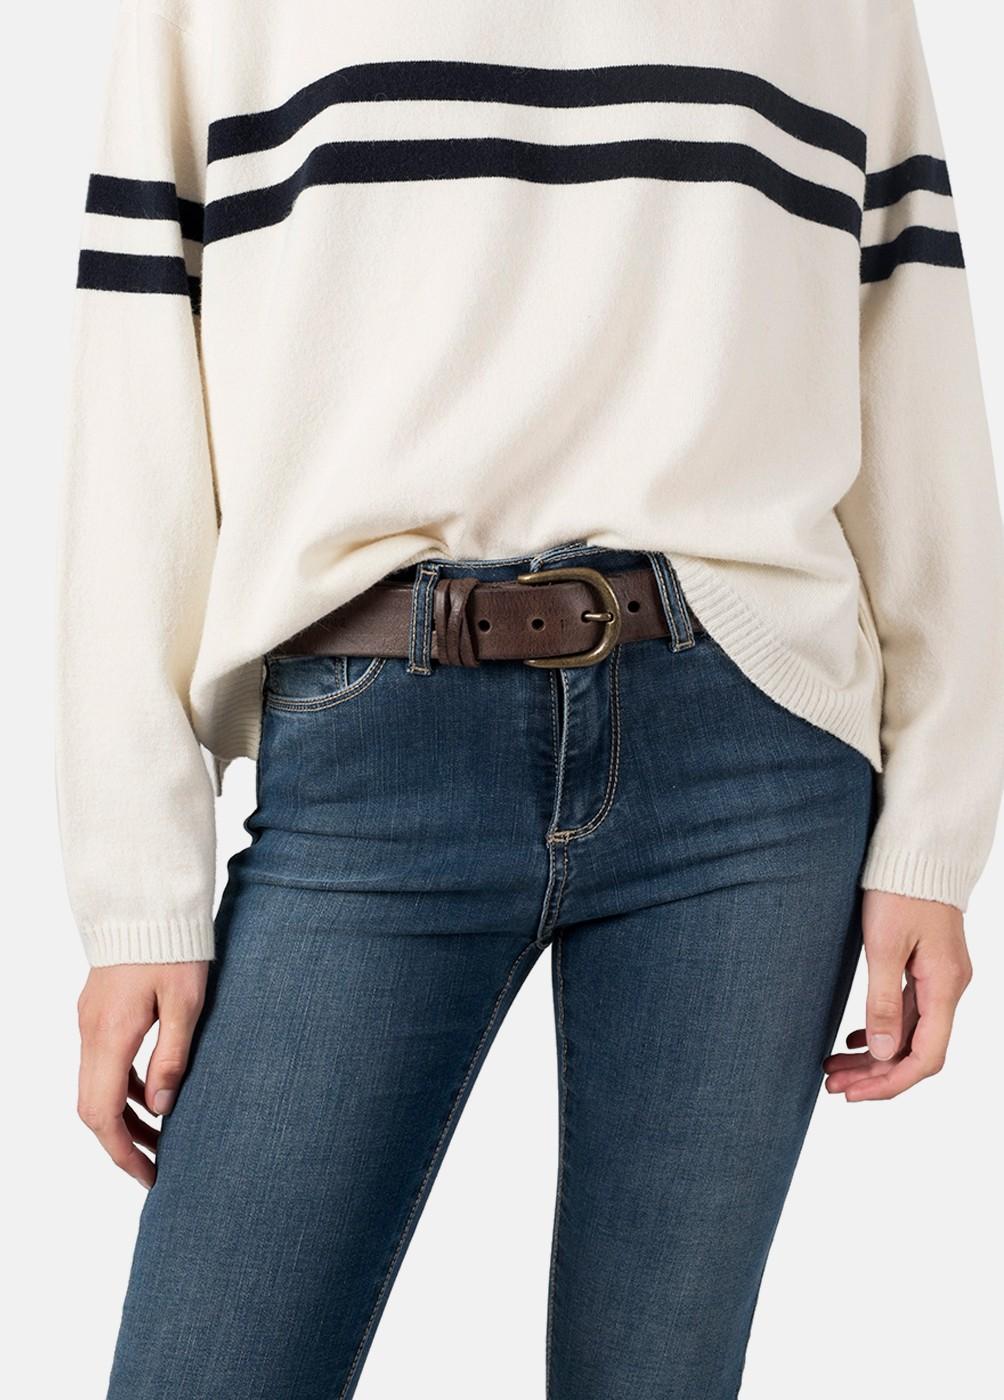 Basic leather belt